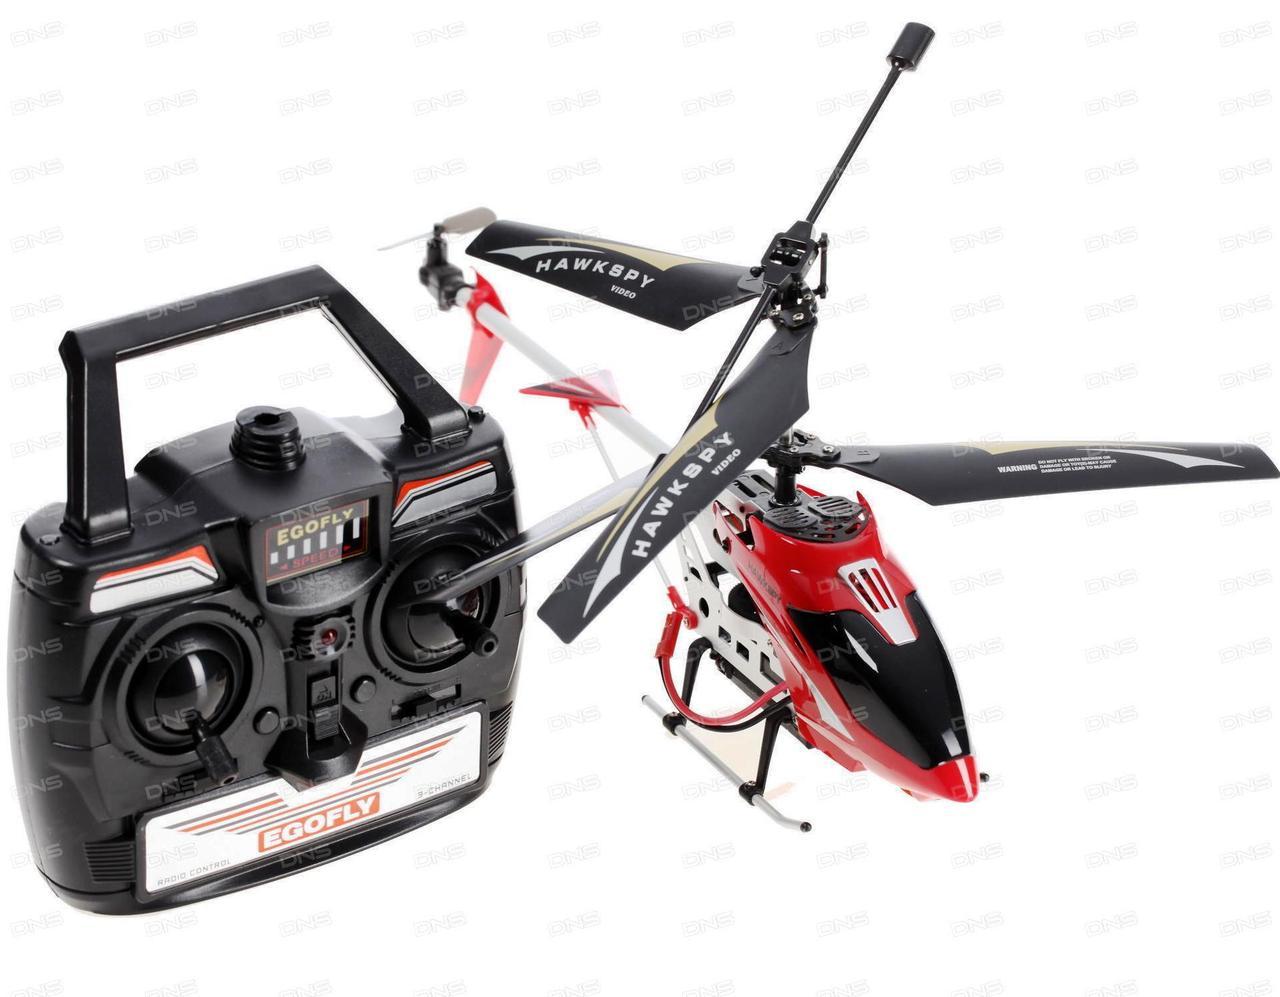 Радиоуправляемый вертолет Hawkspy LT-712 с видеокамерой